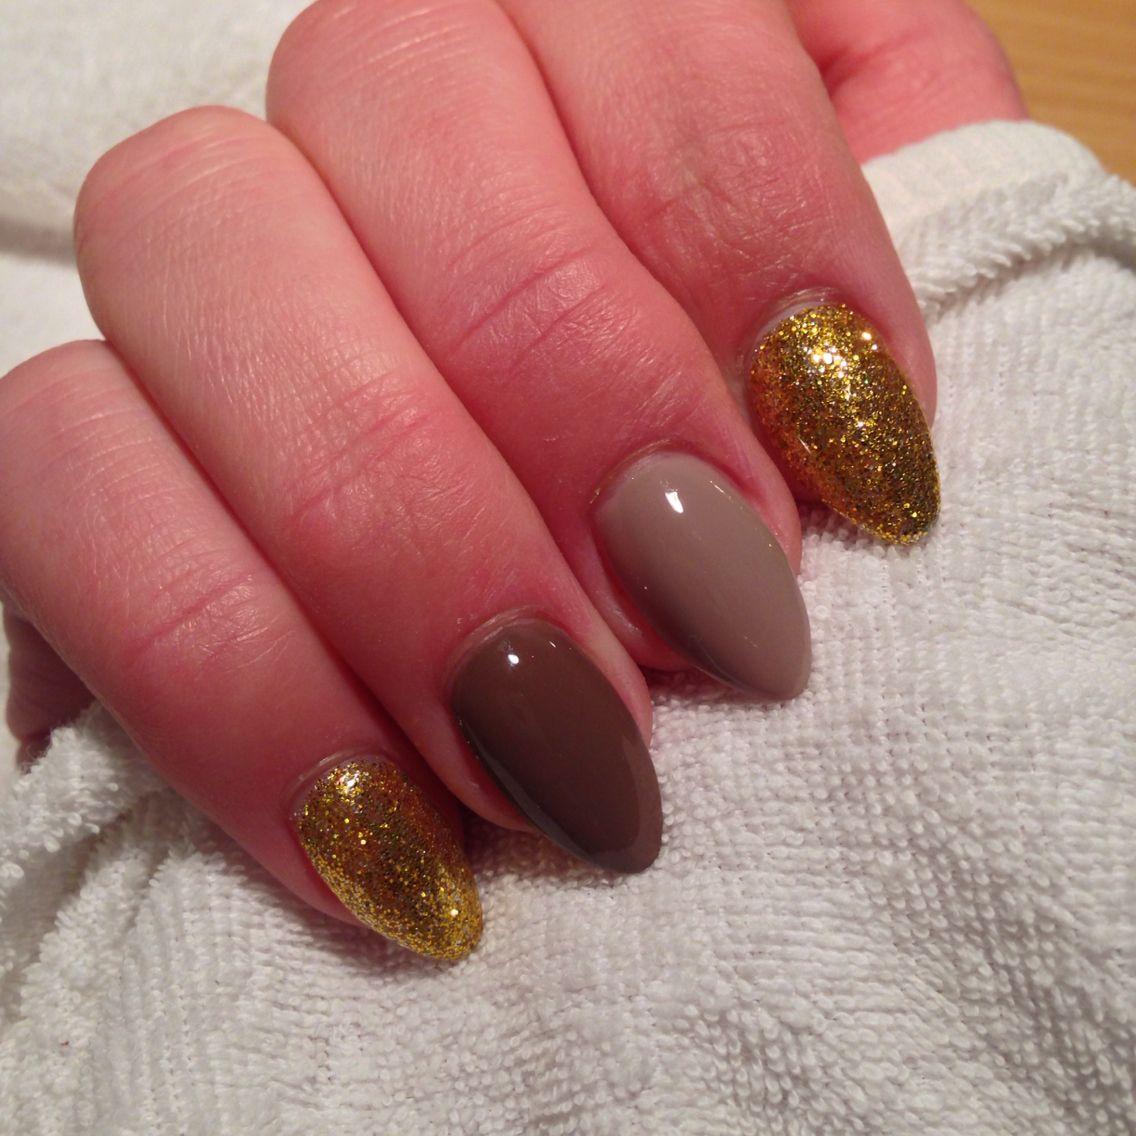 Nägel#nails#braun#gold#Glitzer#spitz#stiletto#Weihnachten#lang ...